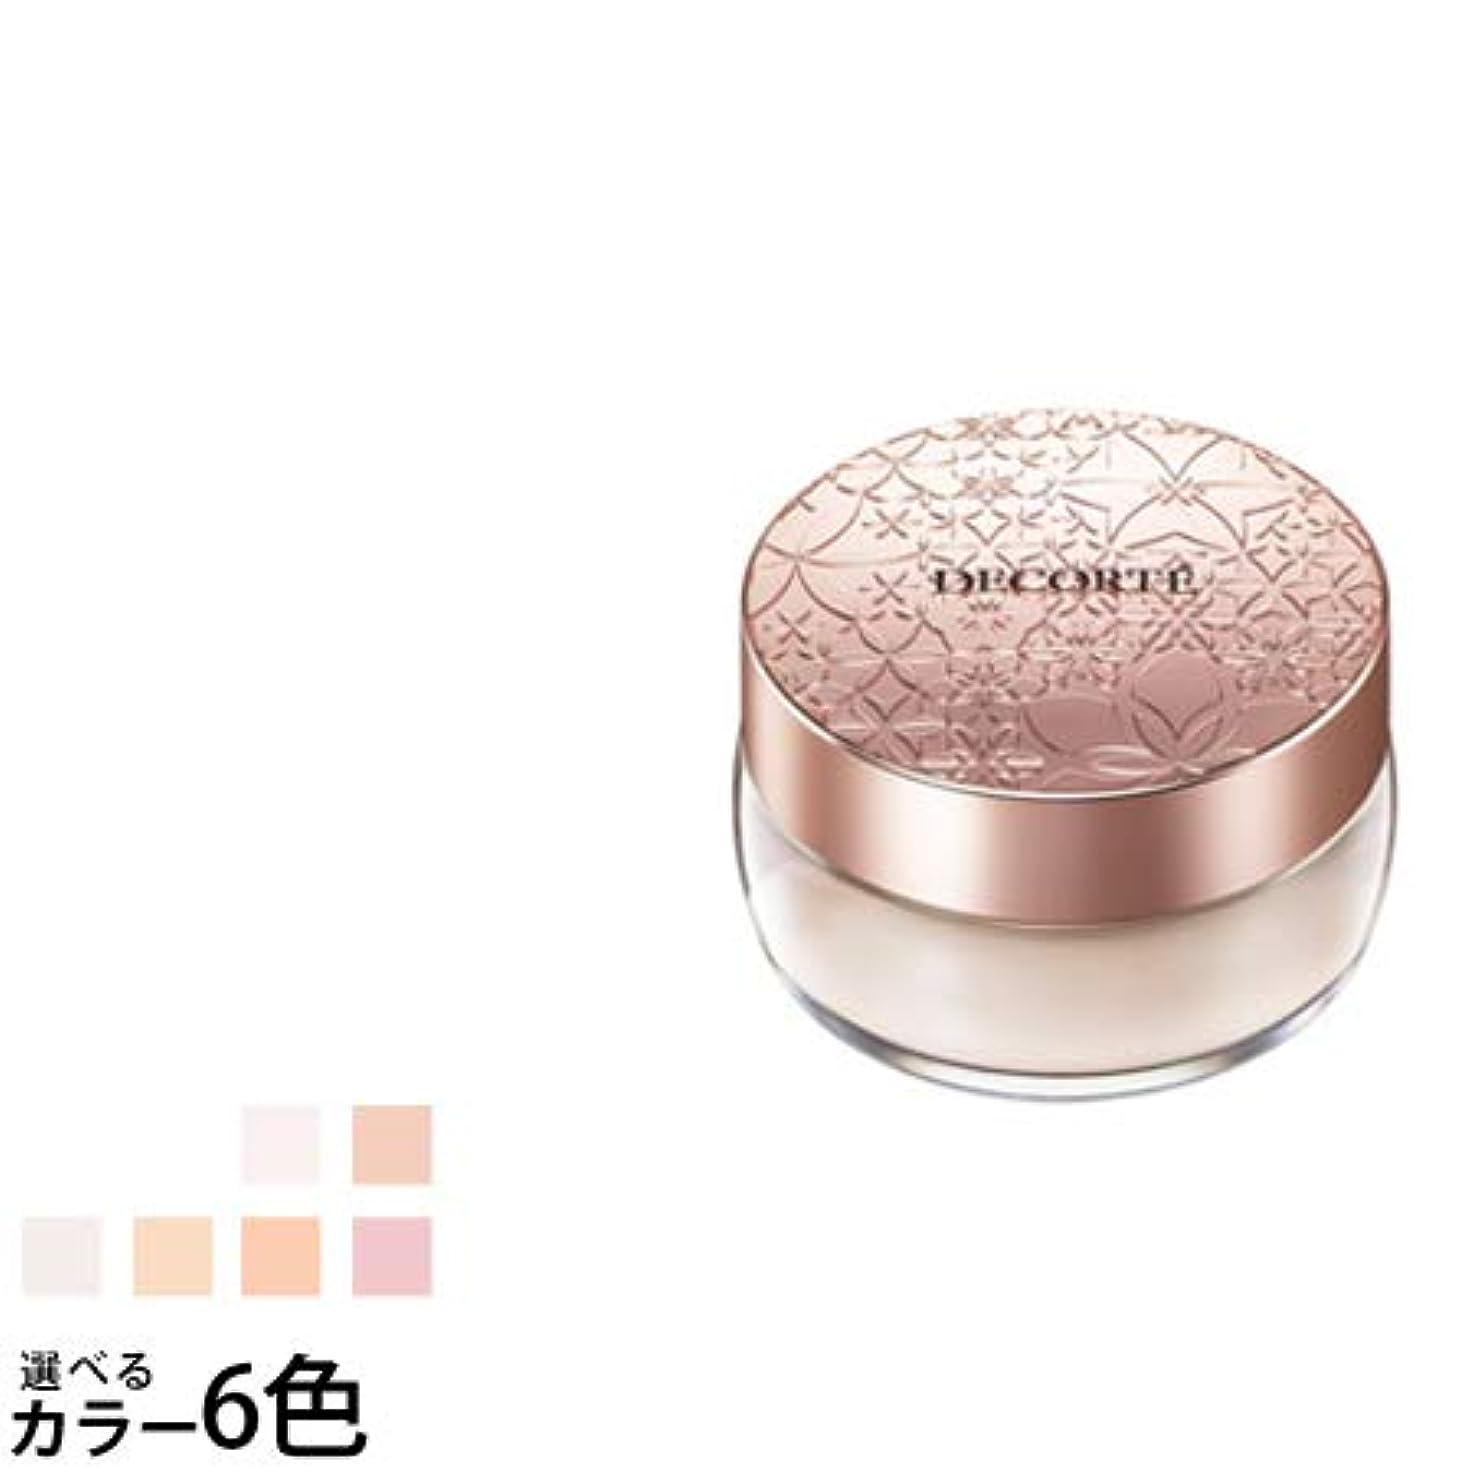 裸森妖精コスメデコルテ フェイスパウダー 選べる6色 -COSME DECORTE- 12